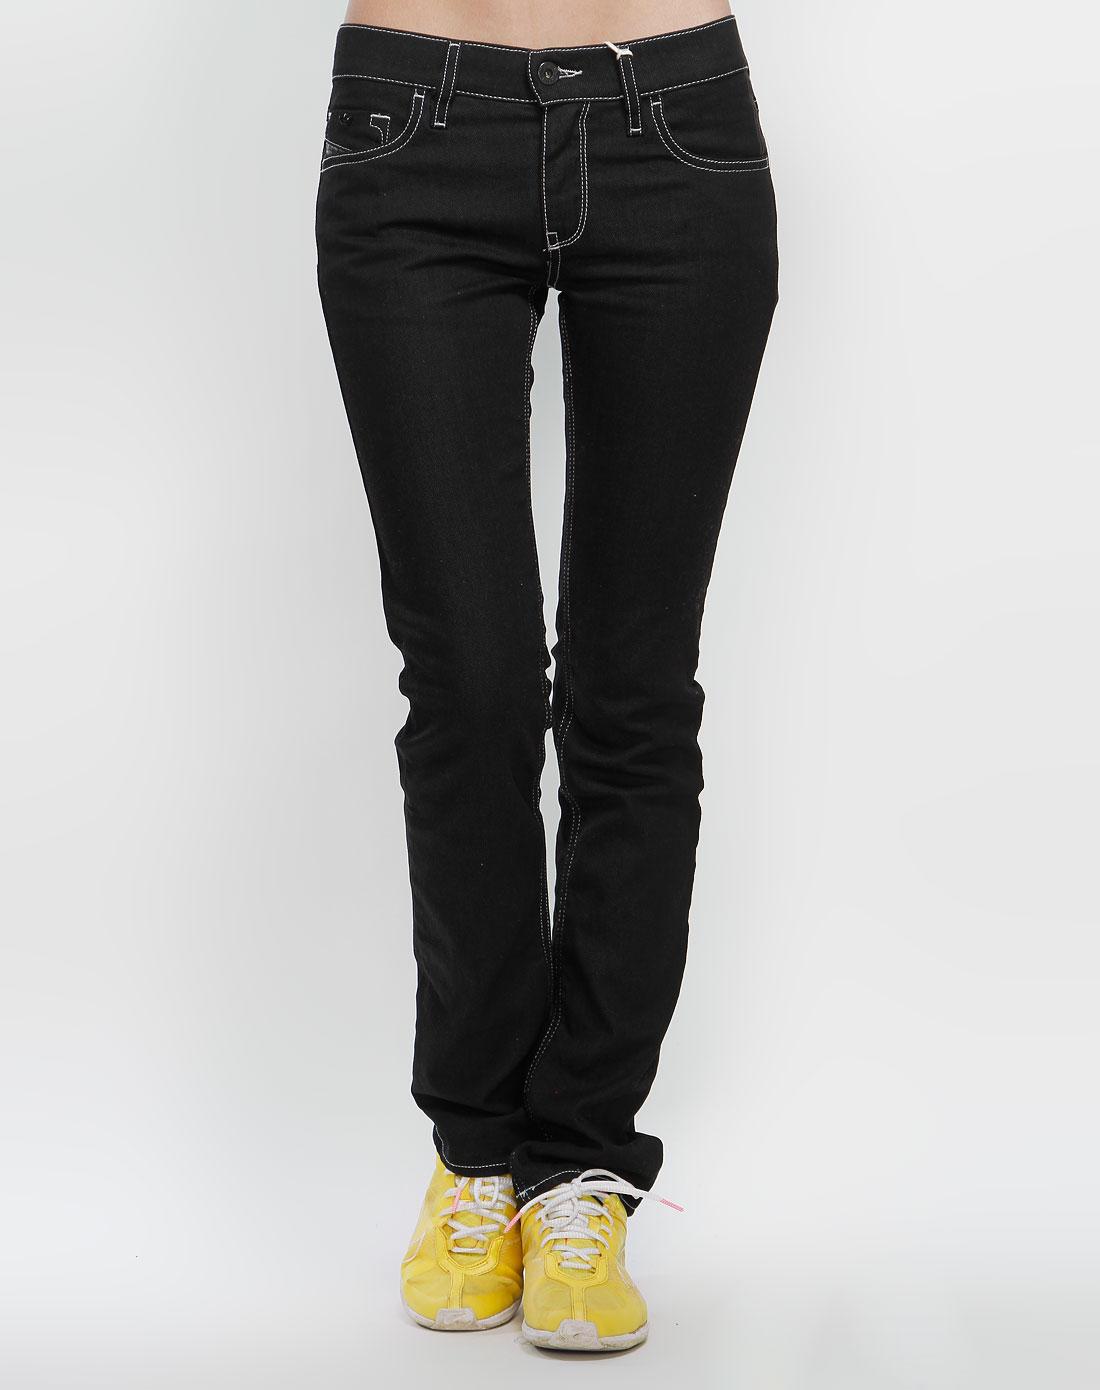 女款黑色牛仔长裤q07675